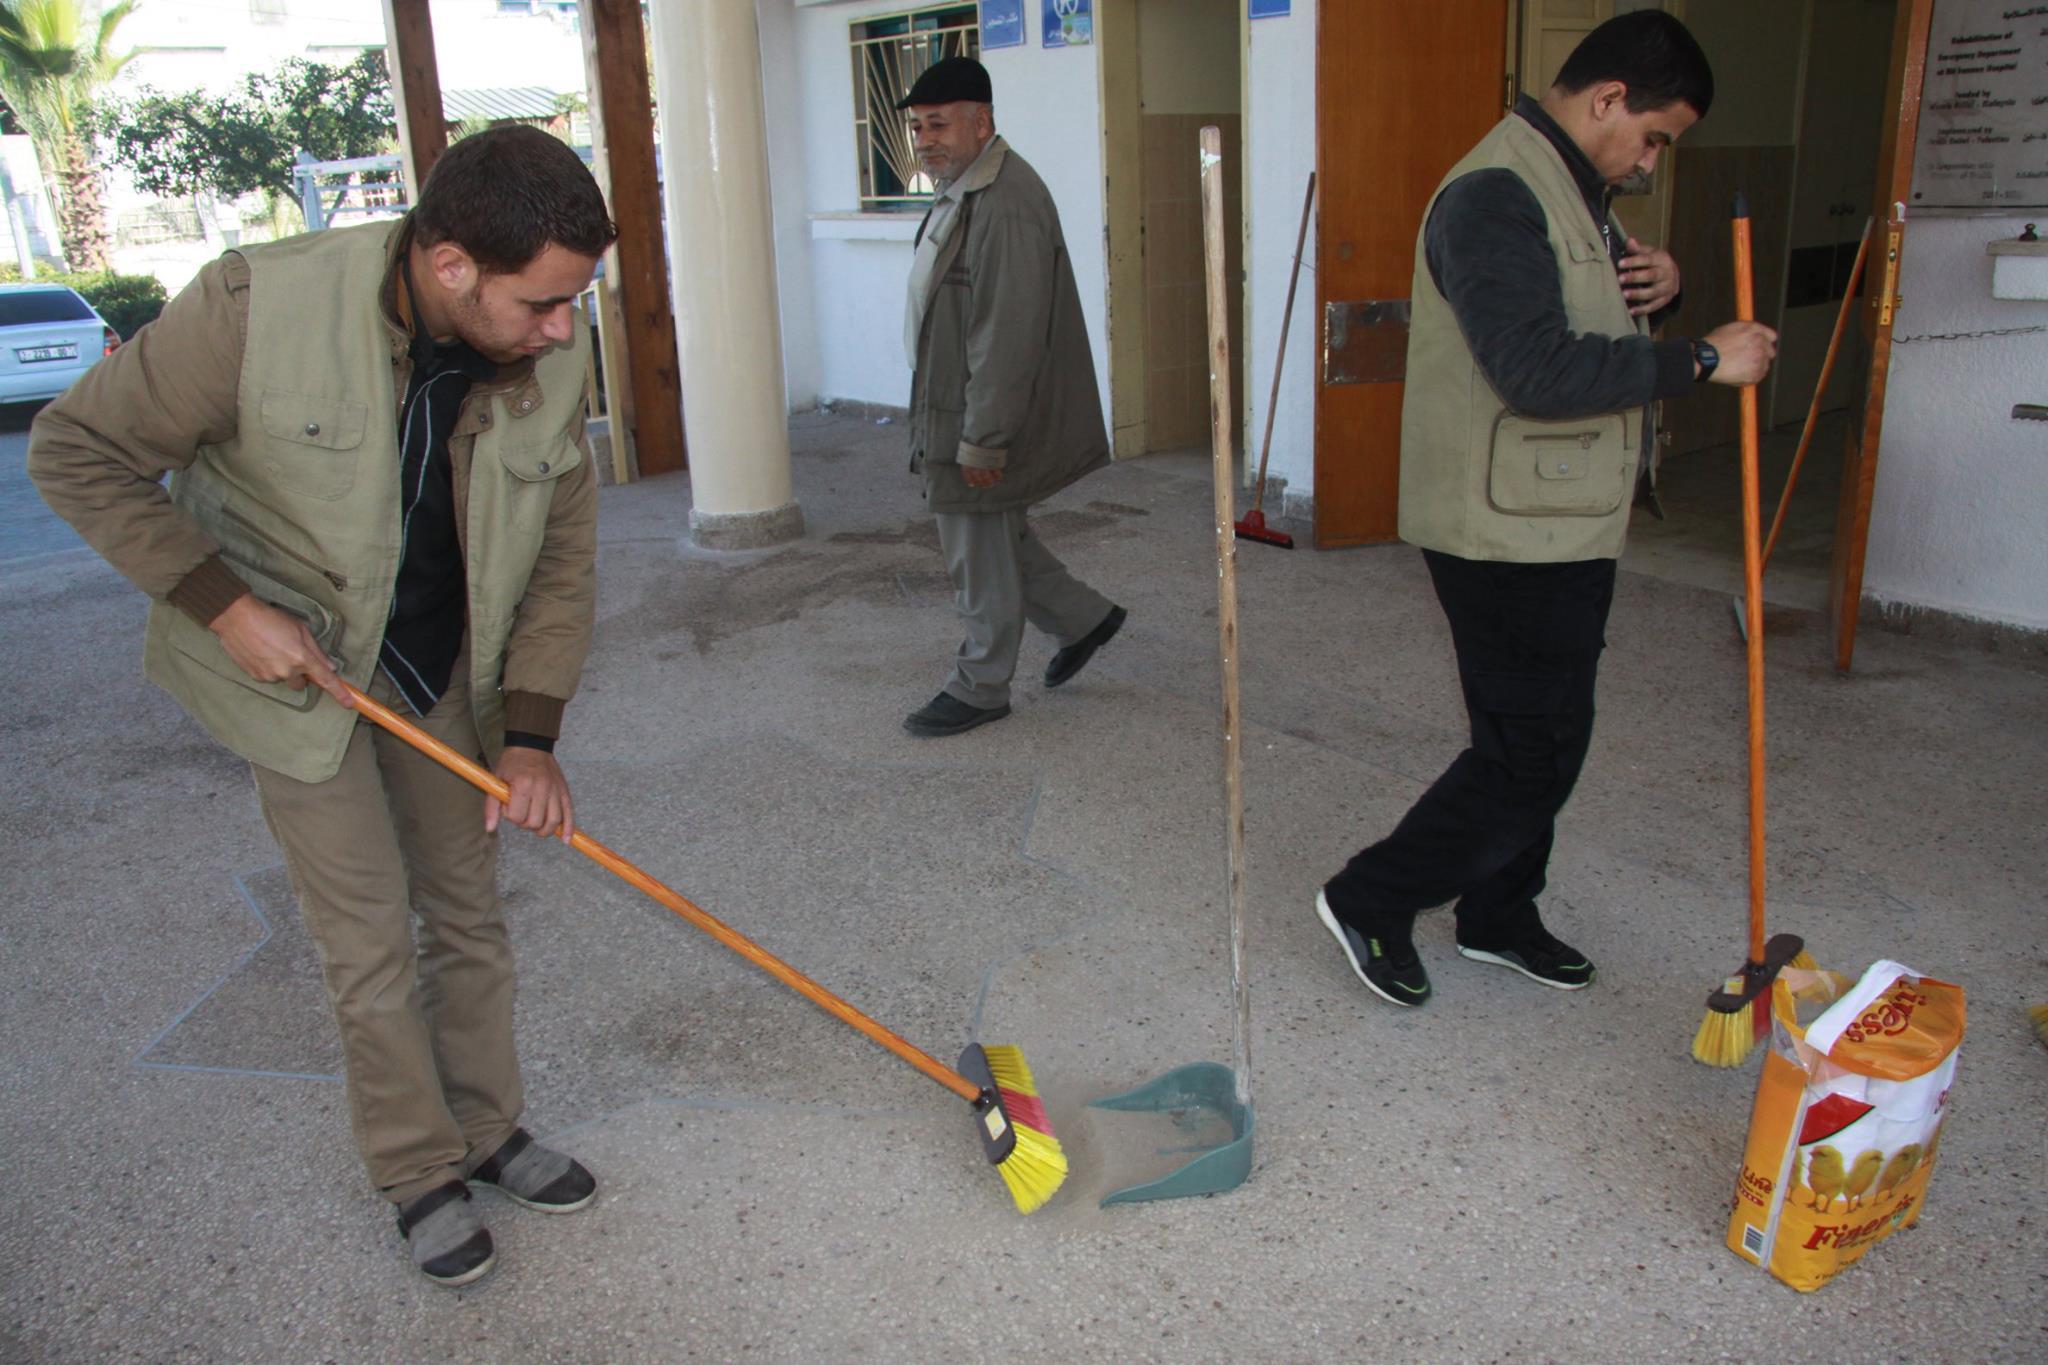 حملة جمعية إخاء لتنظيف مشفى الشفاء